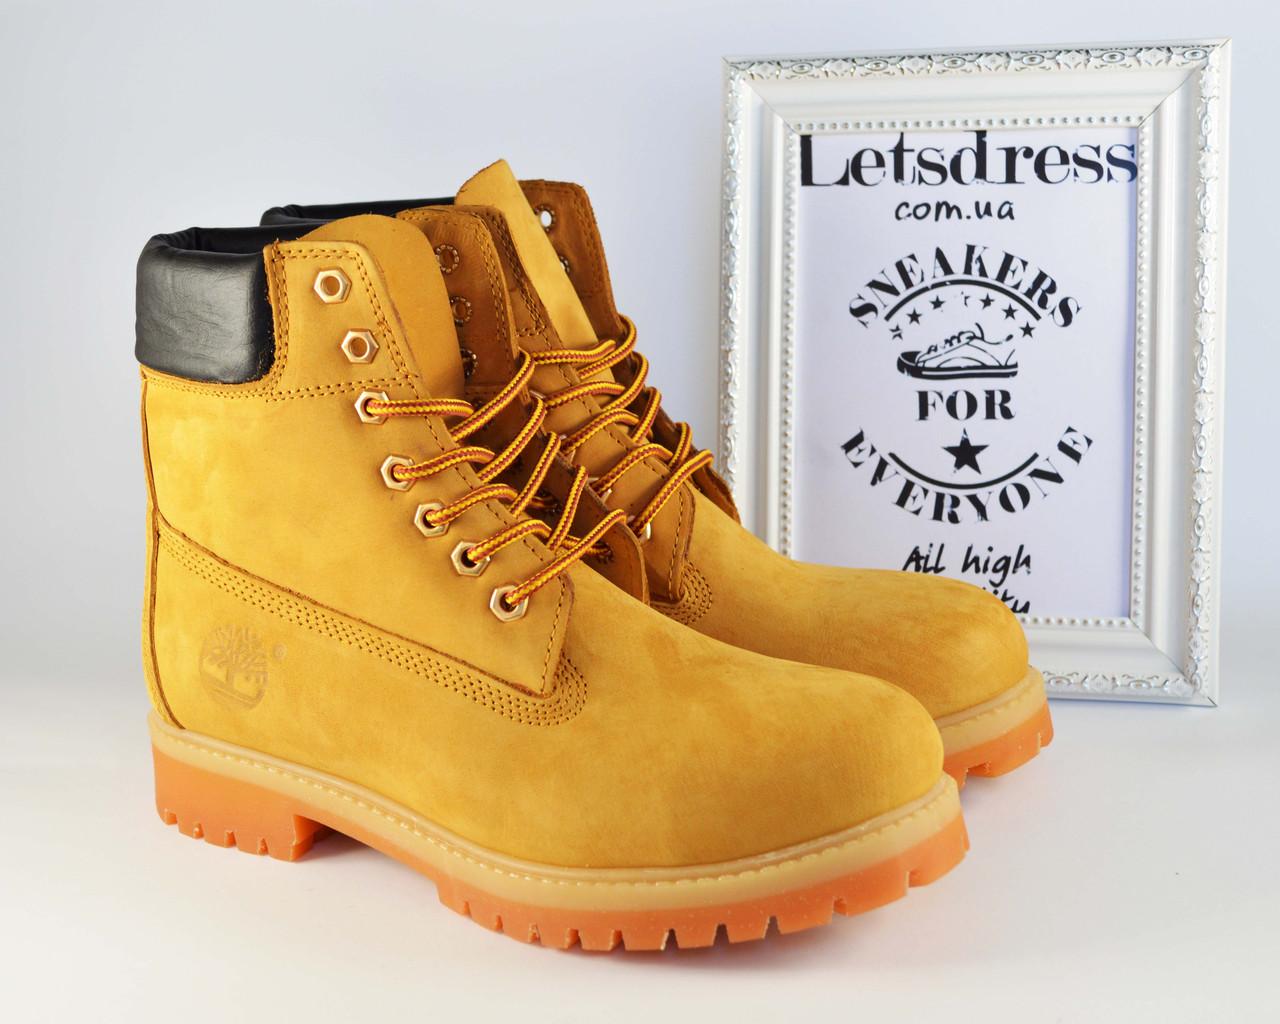 ✅ Мужские кожаные ботинки Timberland Classic  ТЕРМО 6 inch Yellow Тимберленд желтые бежевые